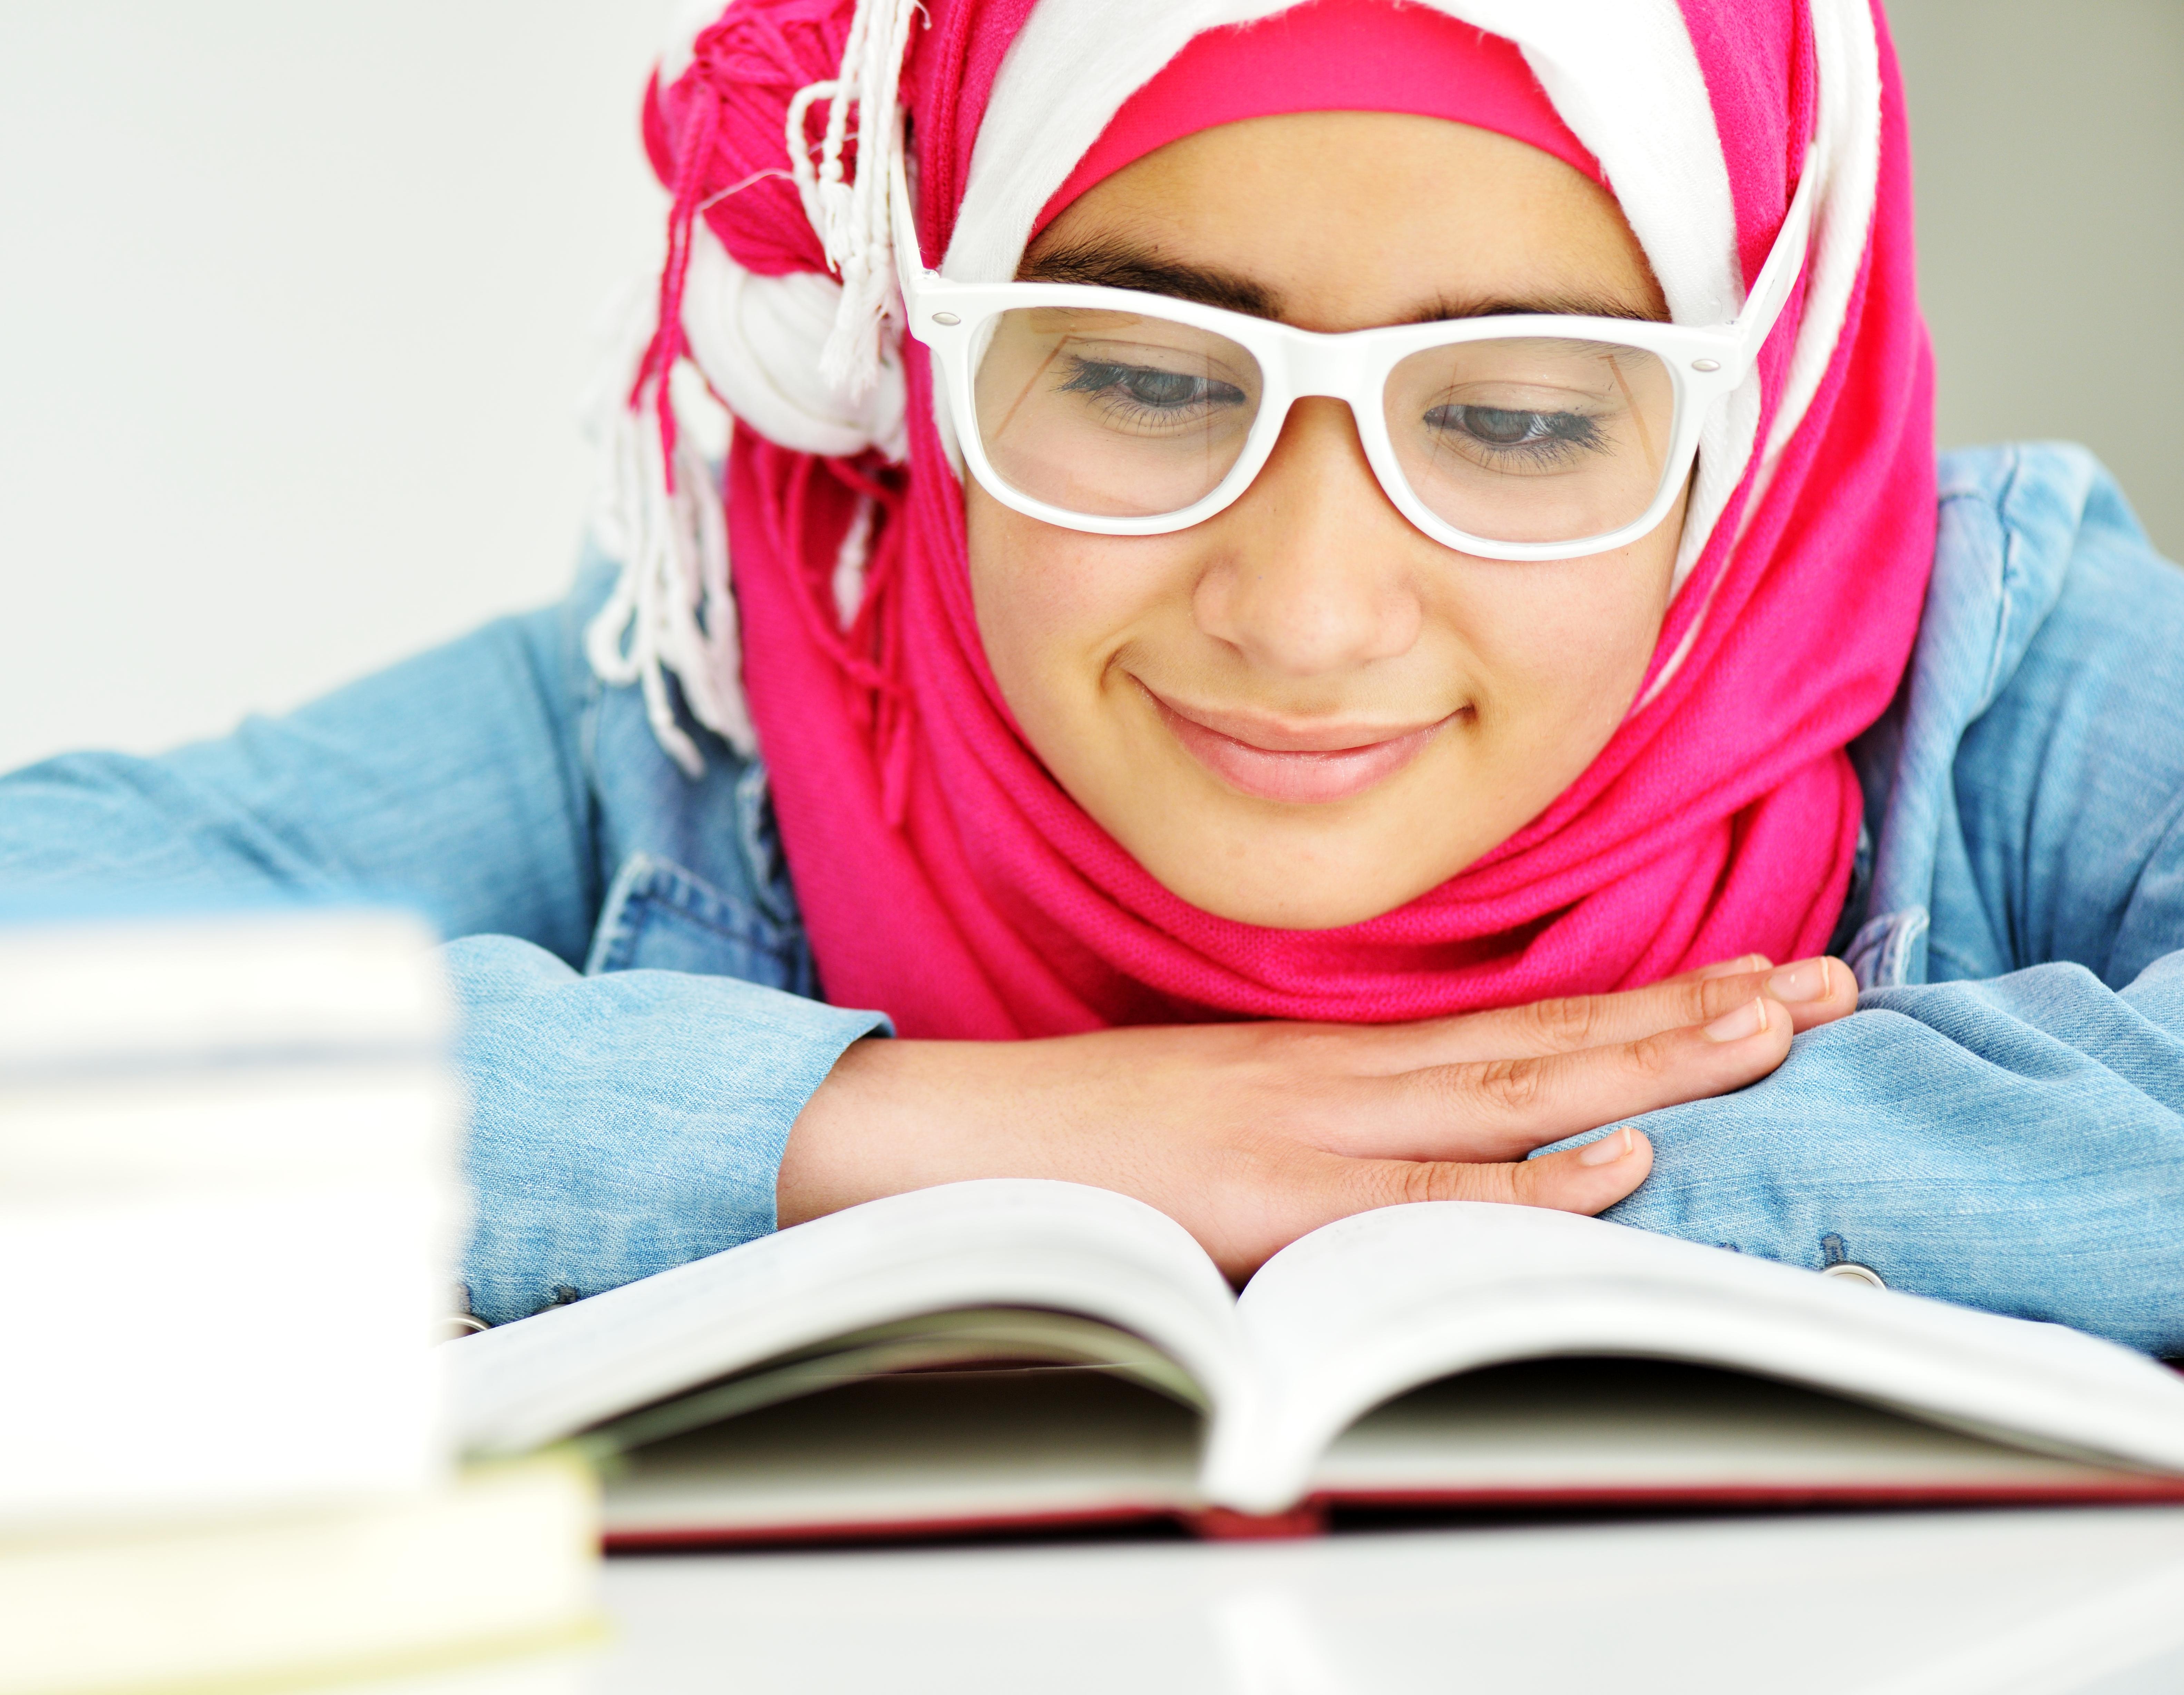 Personer med dyslexi har svårare att lära sig läsa och skriva. Totalt är det mellan 5 och 8 procent av befolkningen som har dyslexi.